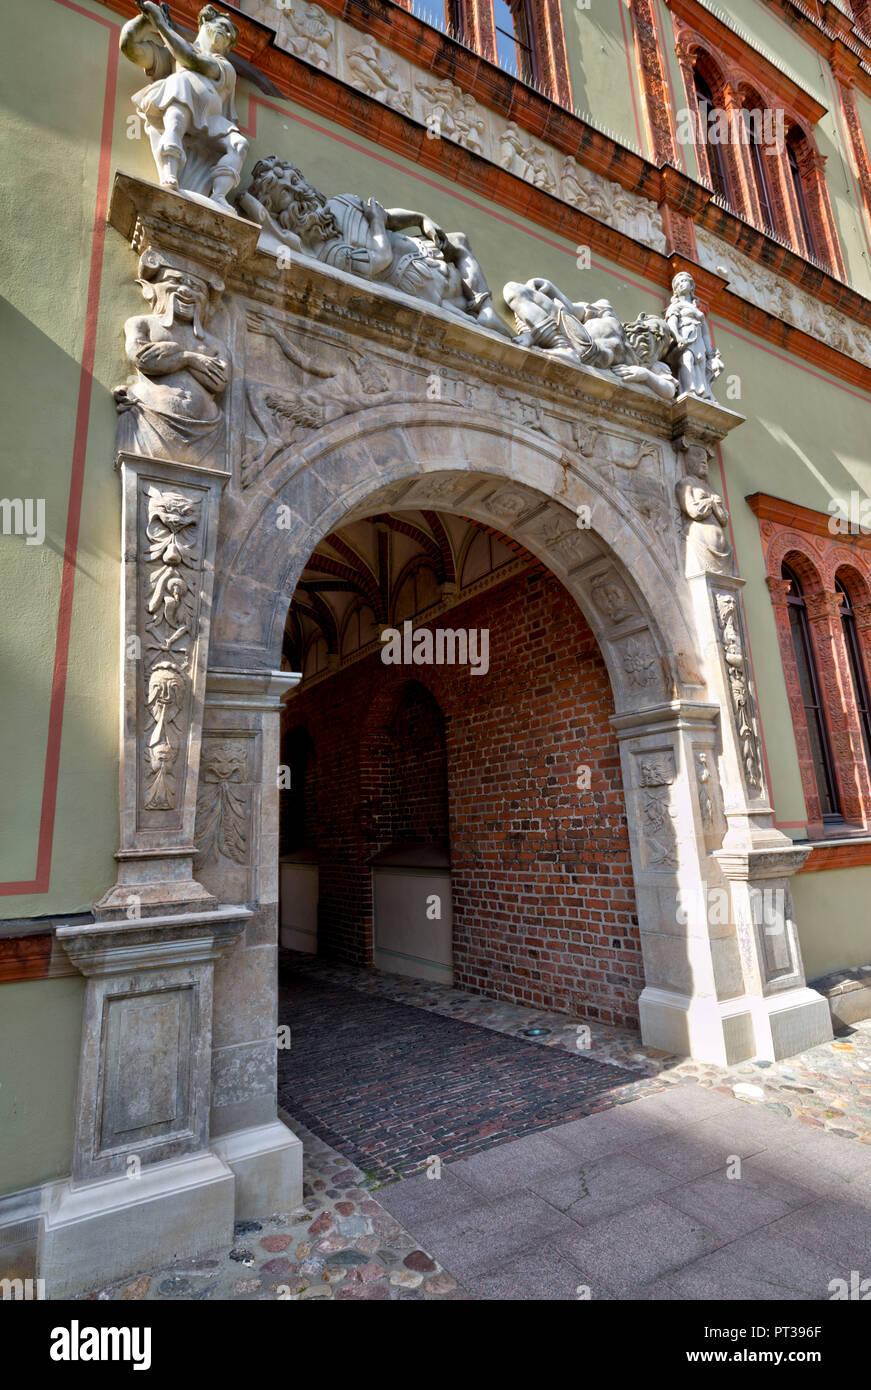 Fürstenhof, baroque architecture, Wismar, Baltic Sea Coast, Mecklenburg-Vorpommern, Germany, Europe - Stock Image